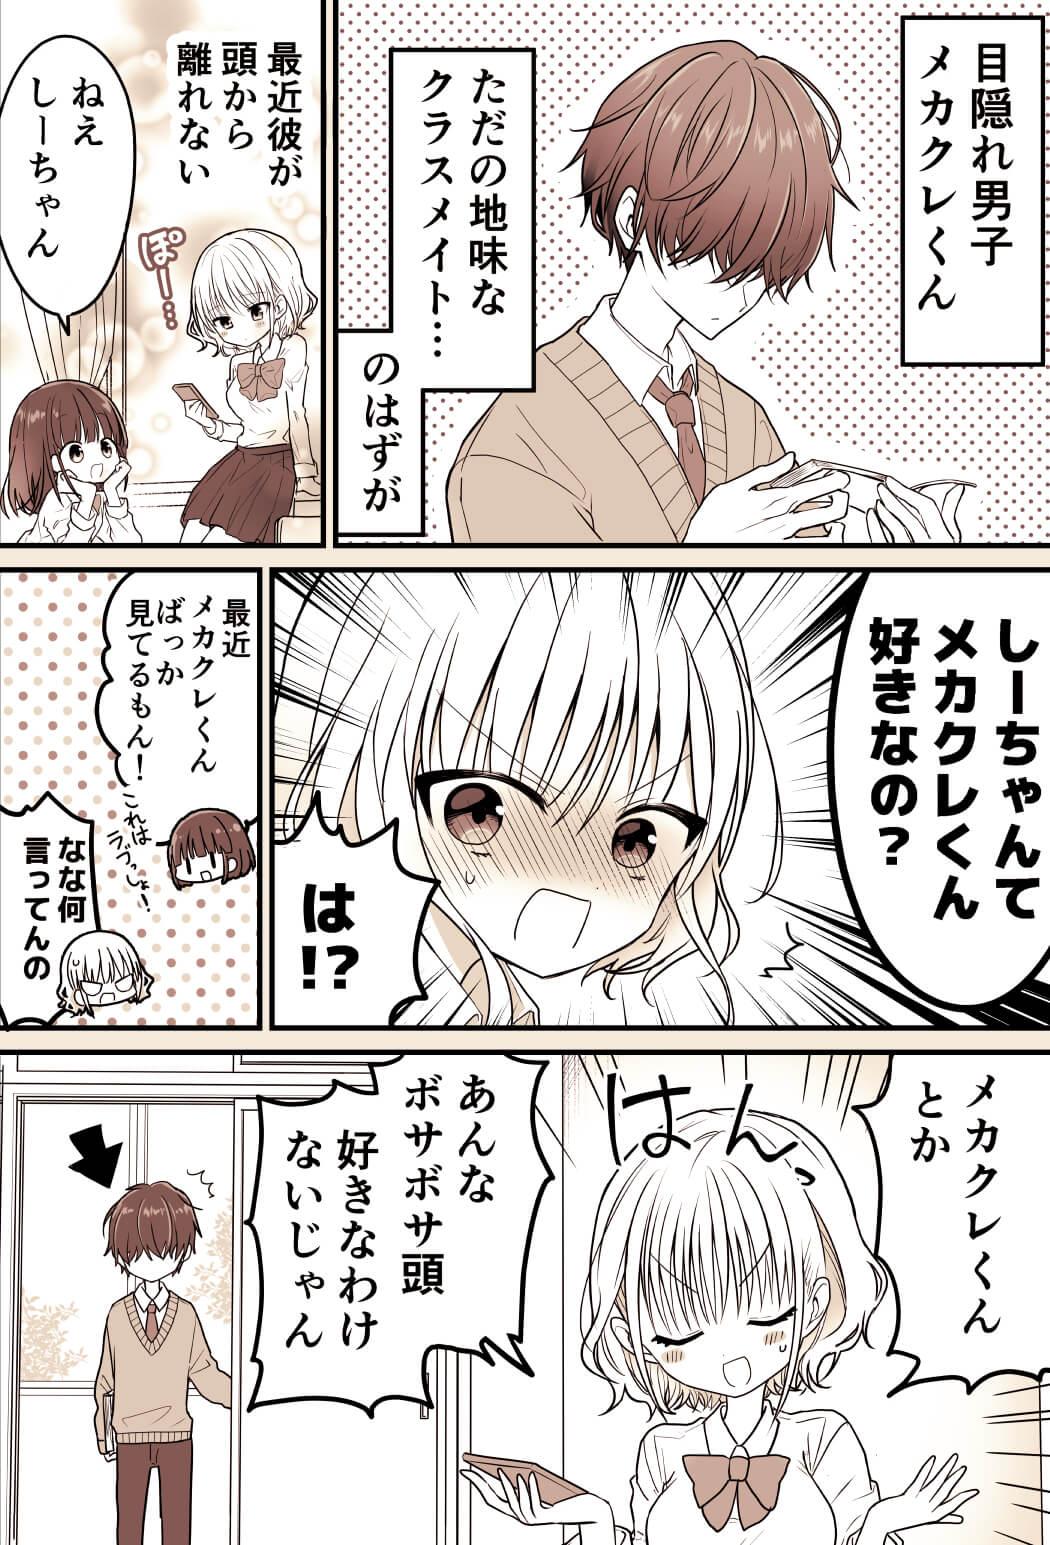 メカクレ男子が気になる漫画01